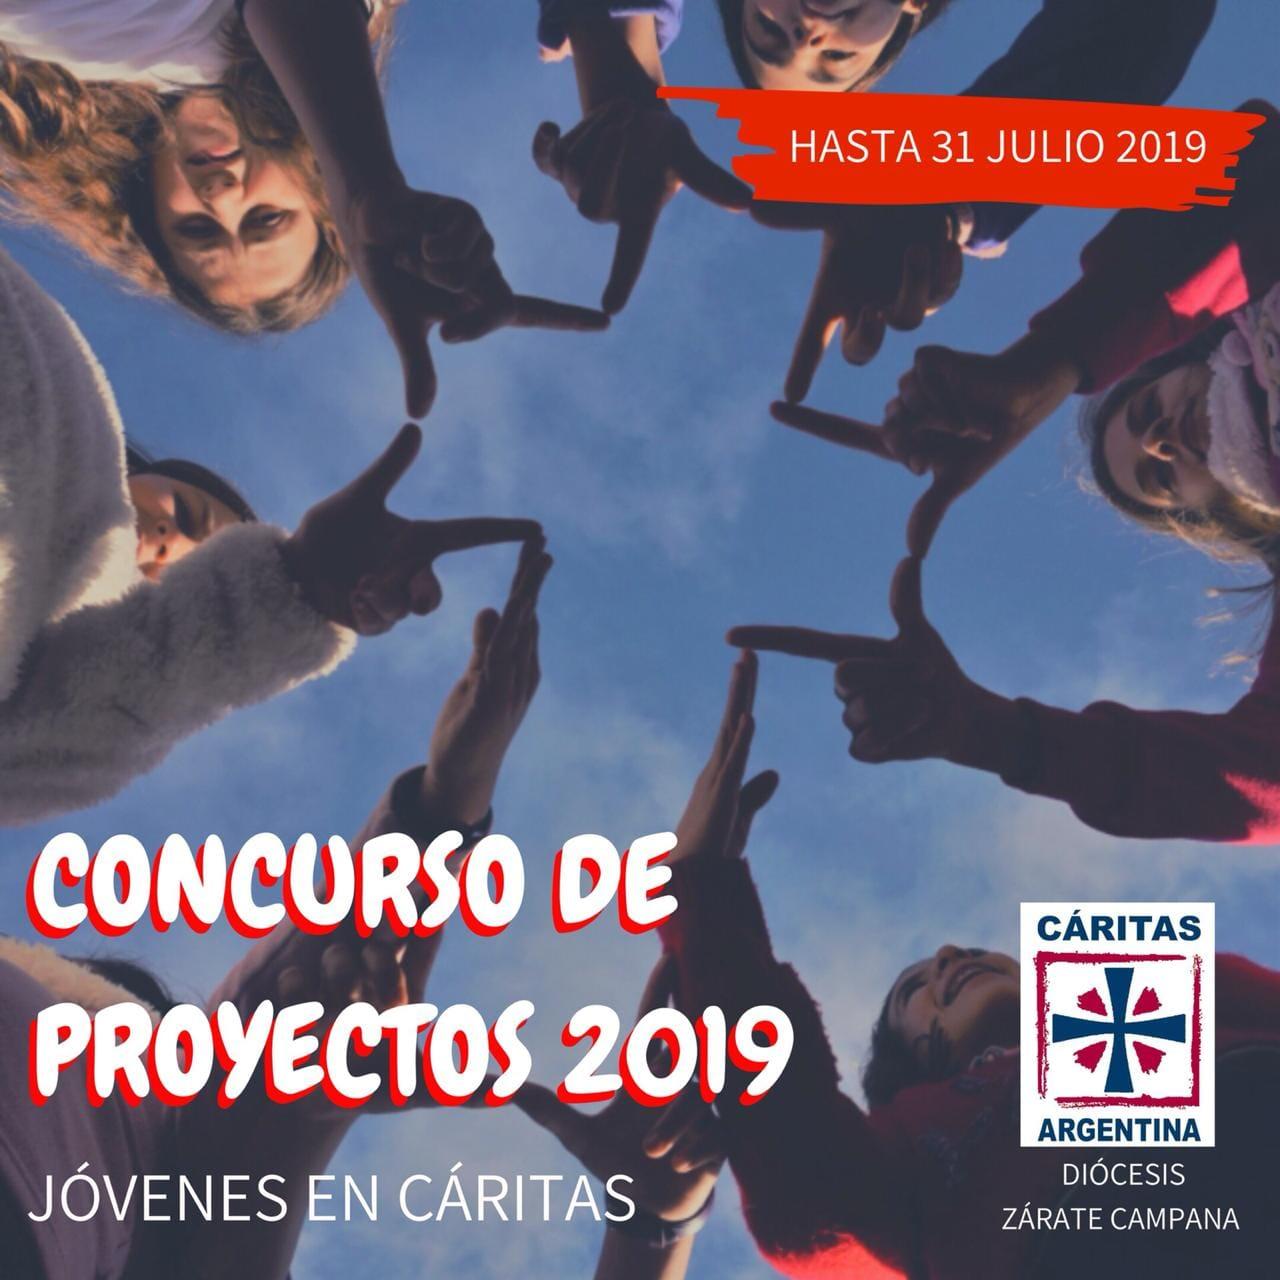 ¡¡Presentá con tus amigos tu proyecto!! tenes tiempo hasta el 31 de julio